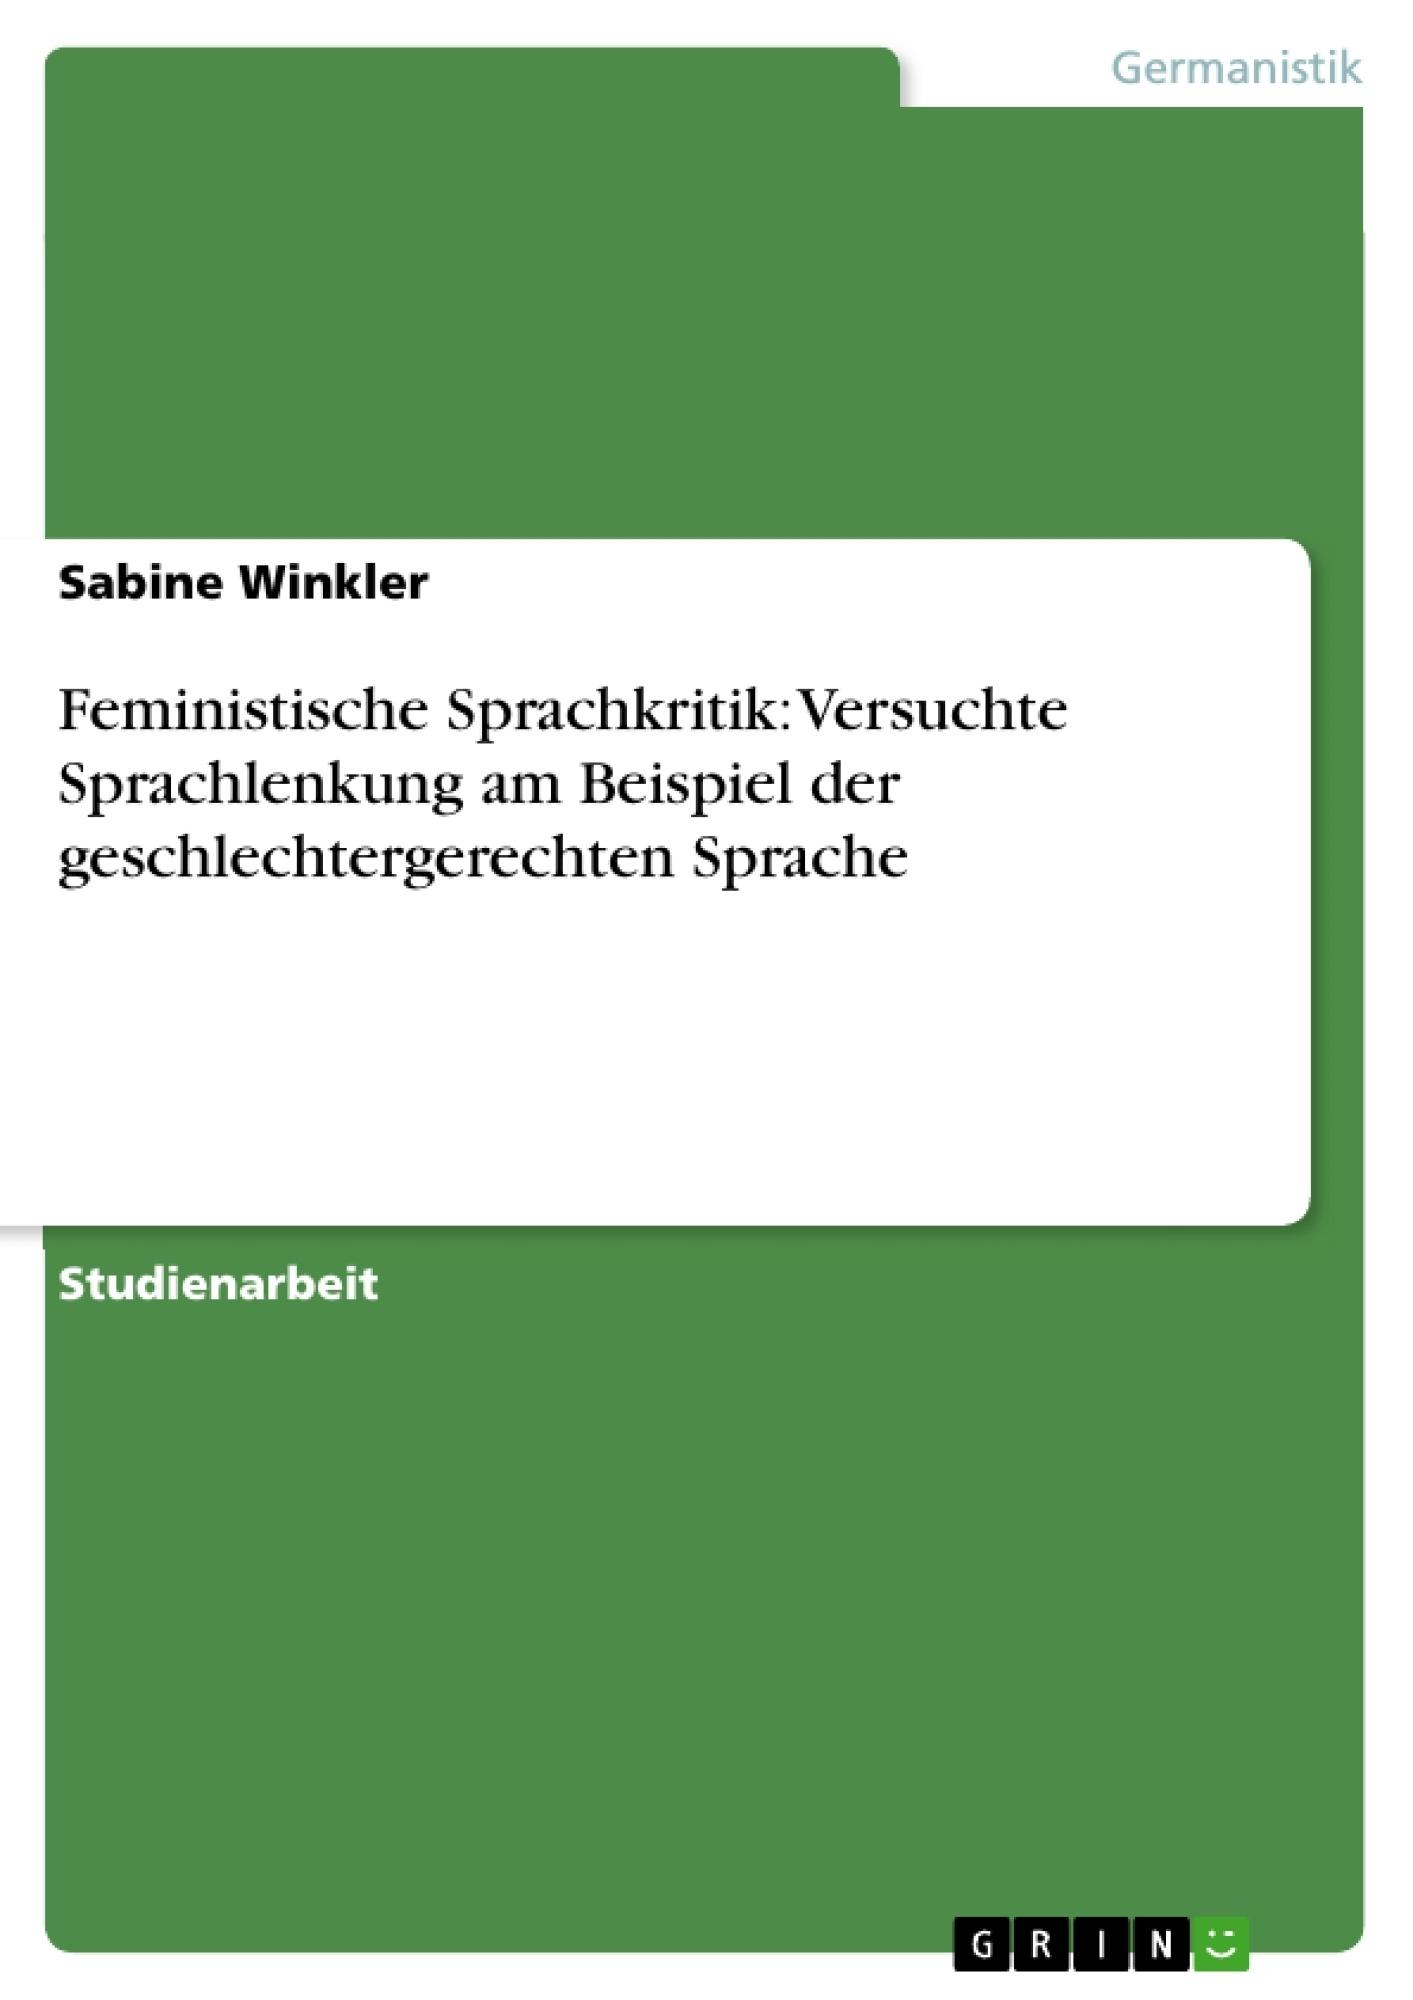 Titel: Feministische Sprachkritik: Versuchte Sprachlenkung am Beispiel der geschlechtergerechten Sprache